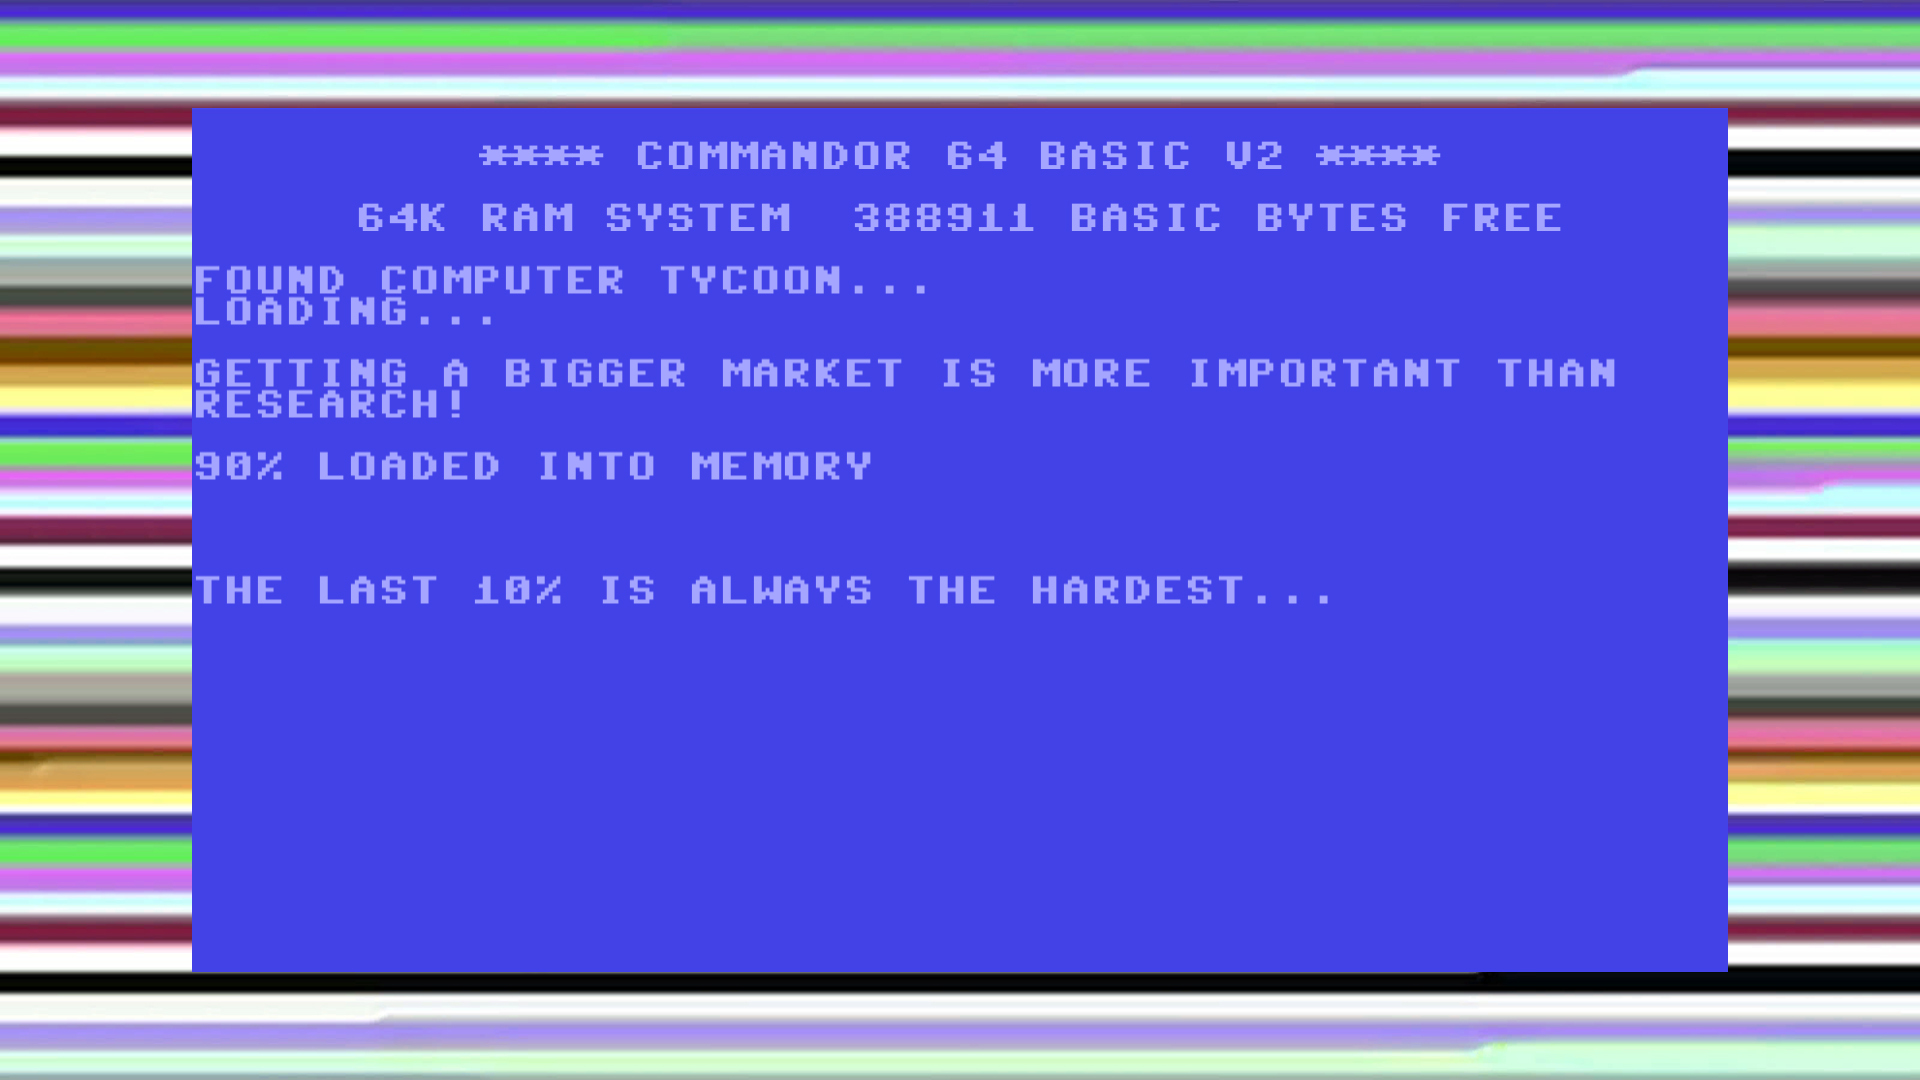 10 comedic computer bugs